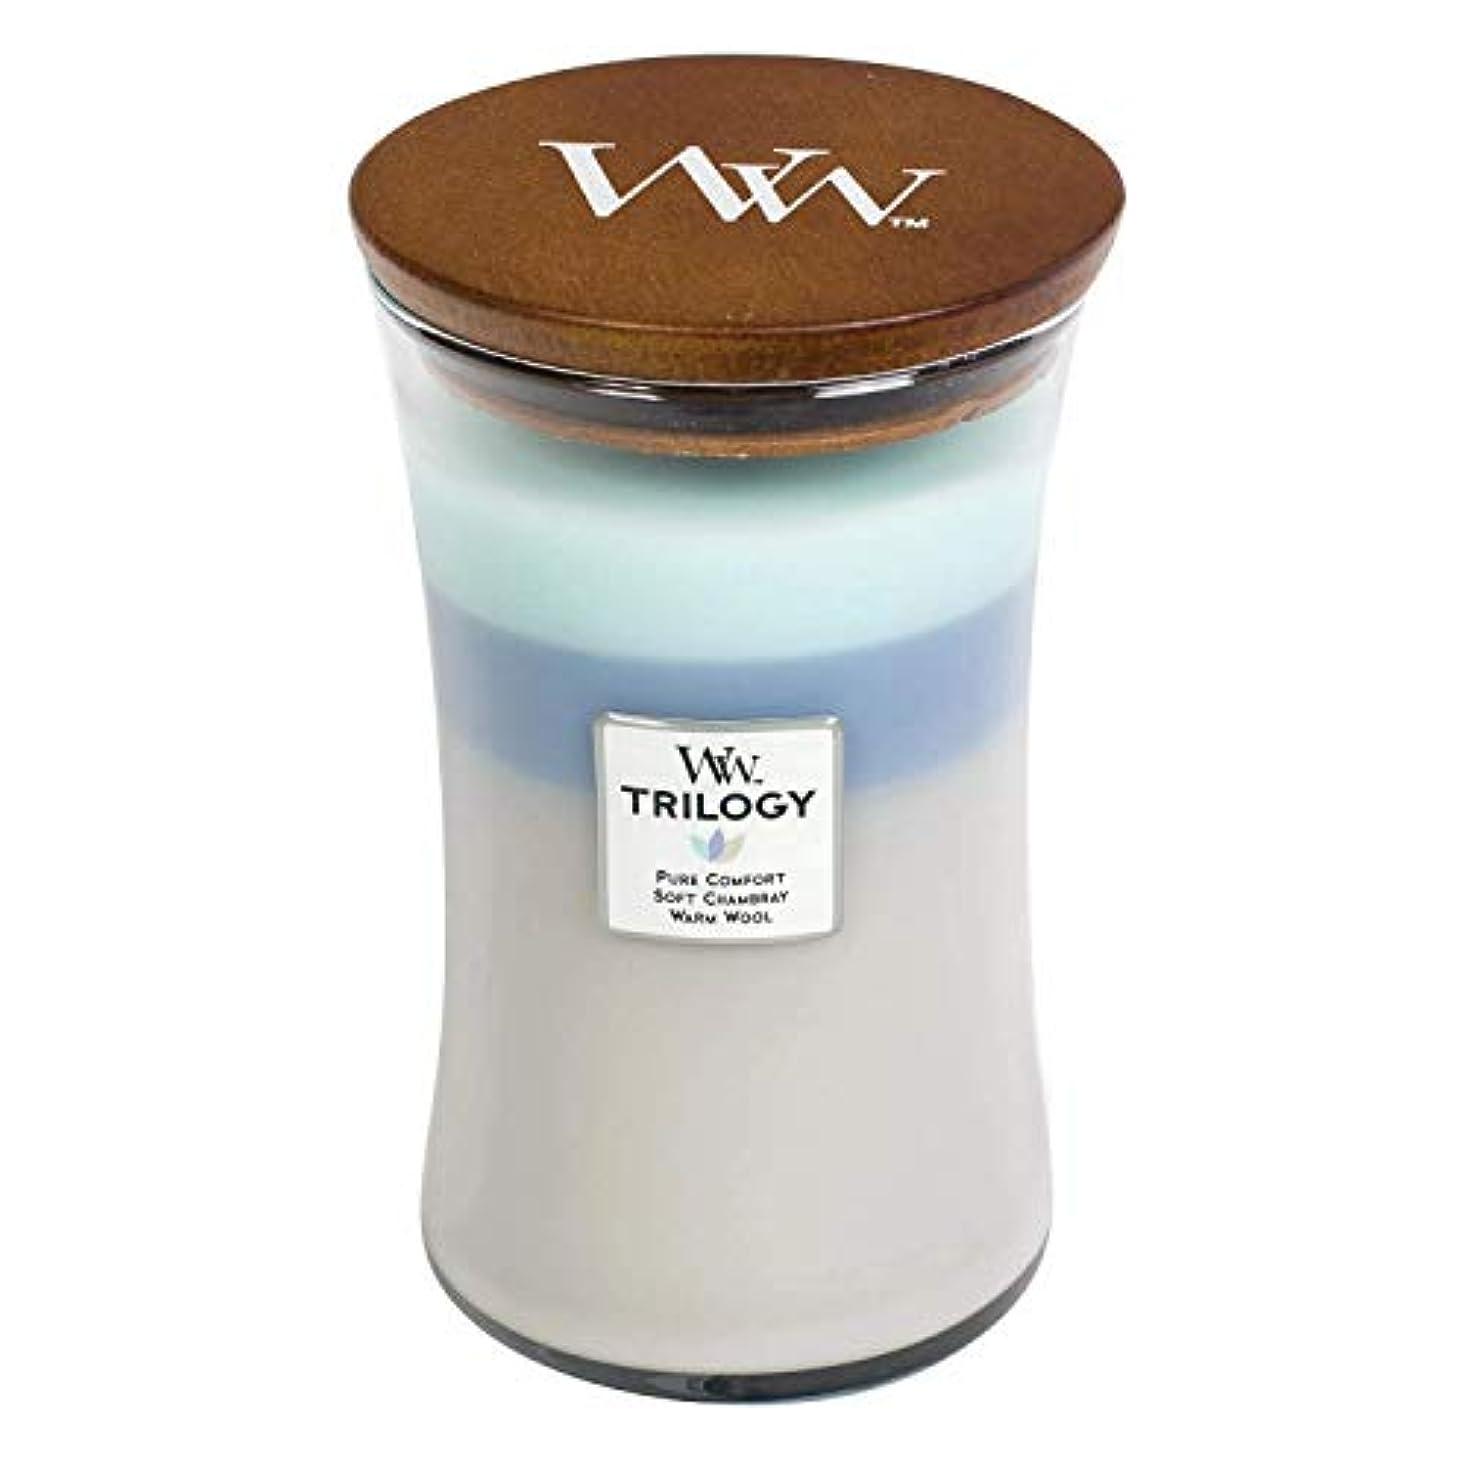 とても愛依存するWoven Comforts WoodWick Trilogy 22オンス香りつきJarキャンドル – 3 in 1つ